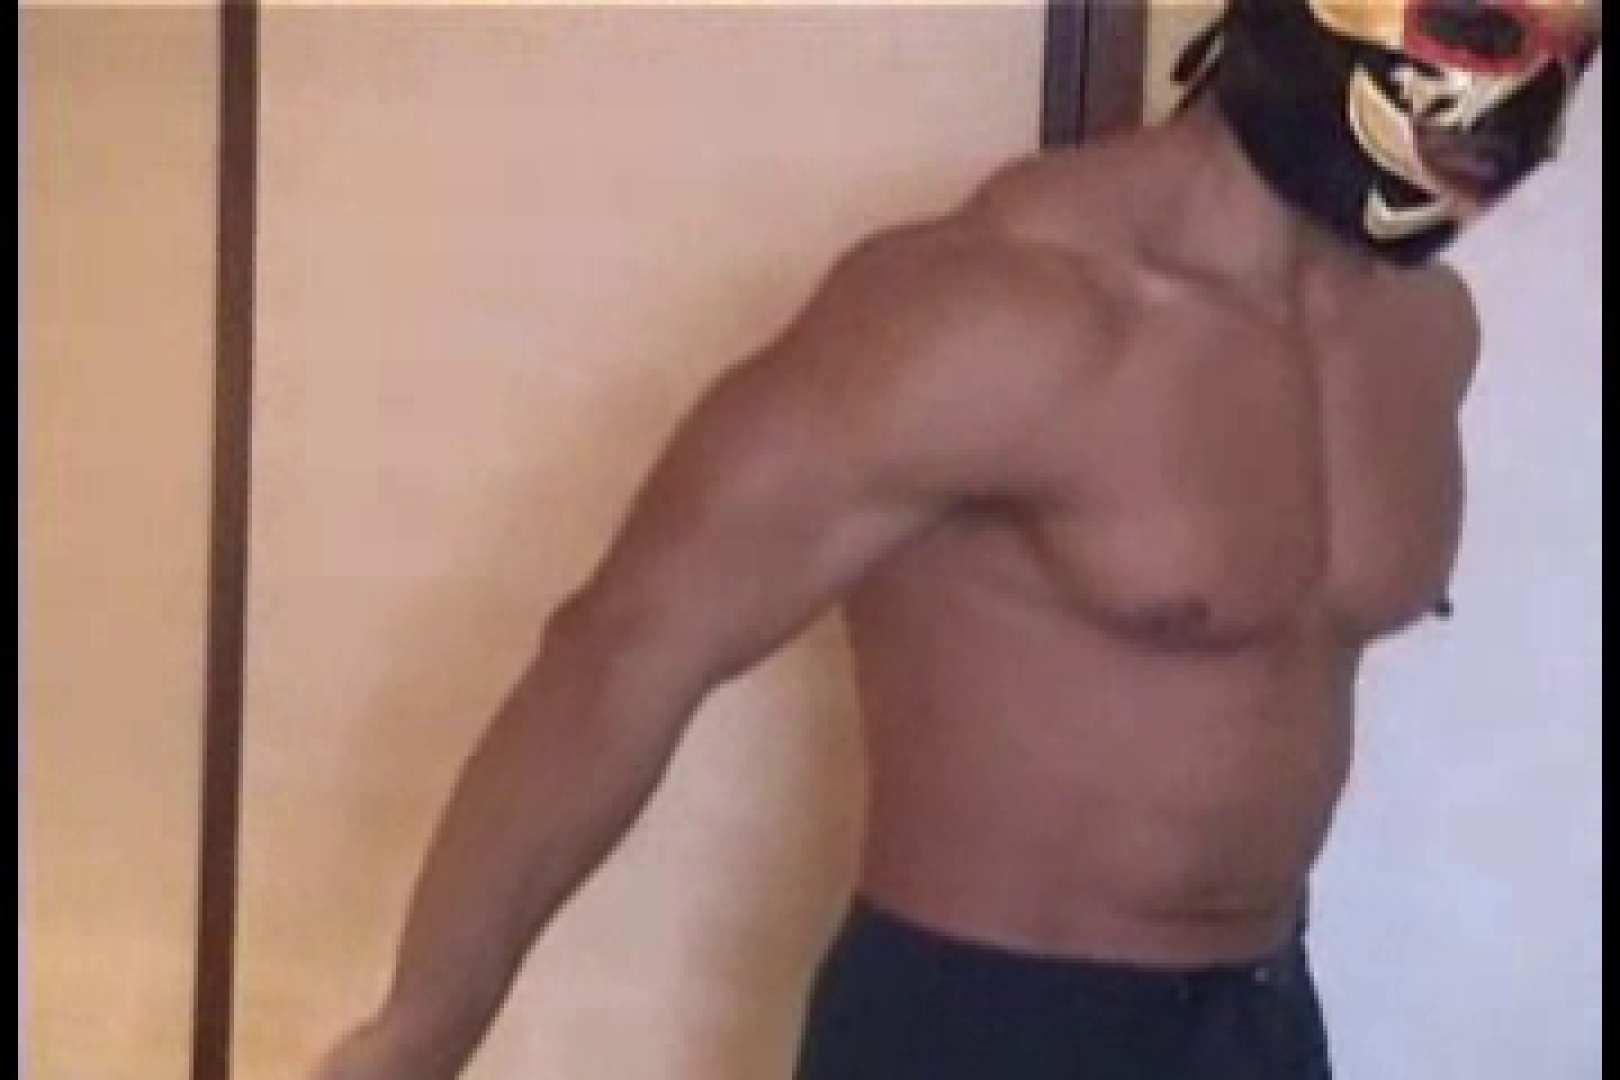 性器の味方ムキムキ覆面マッチョマン 男の世界   マッチョ  106画像 1